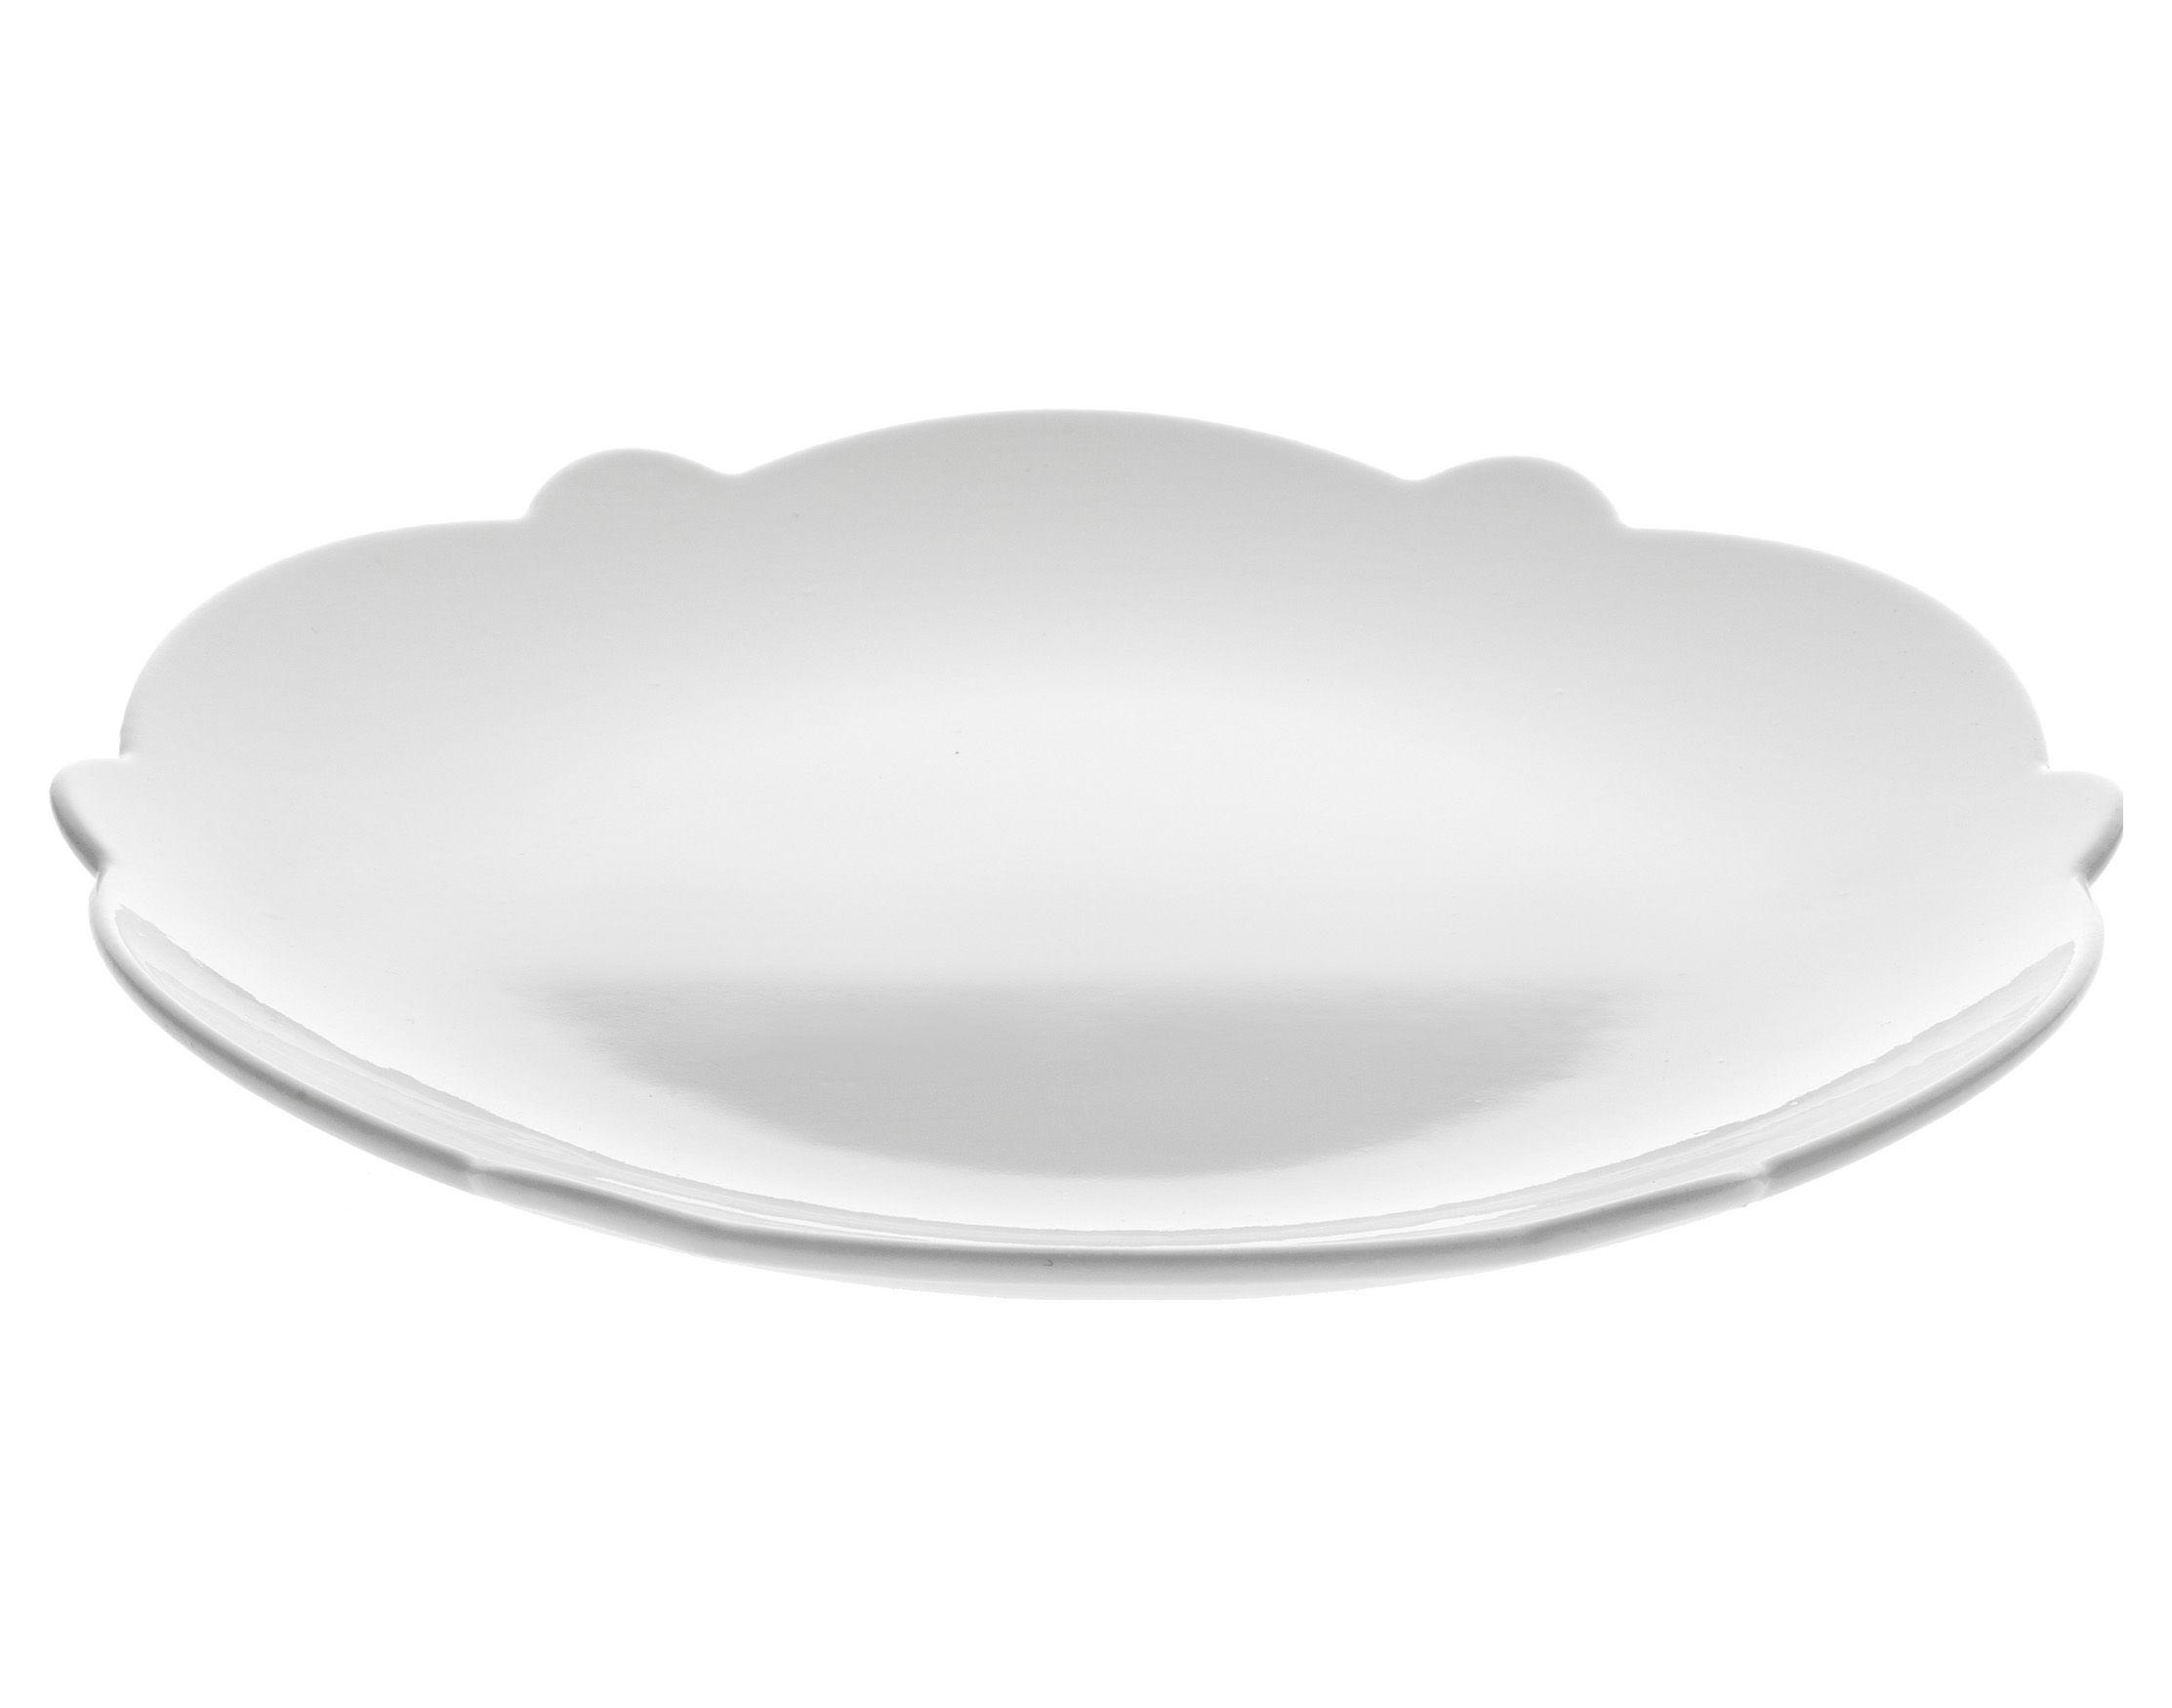 Tischkultur - Teller - Dressed Dessertteller Ø 20 cm - Alessi - Dessertteller Ø 20 cm - weiß - Porzellan